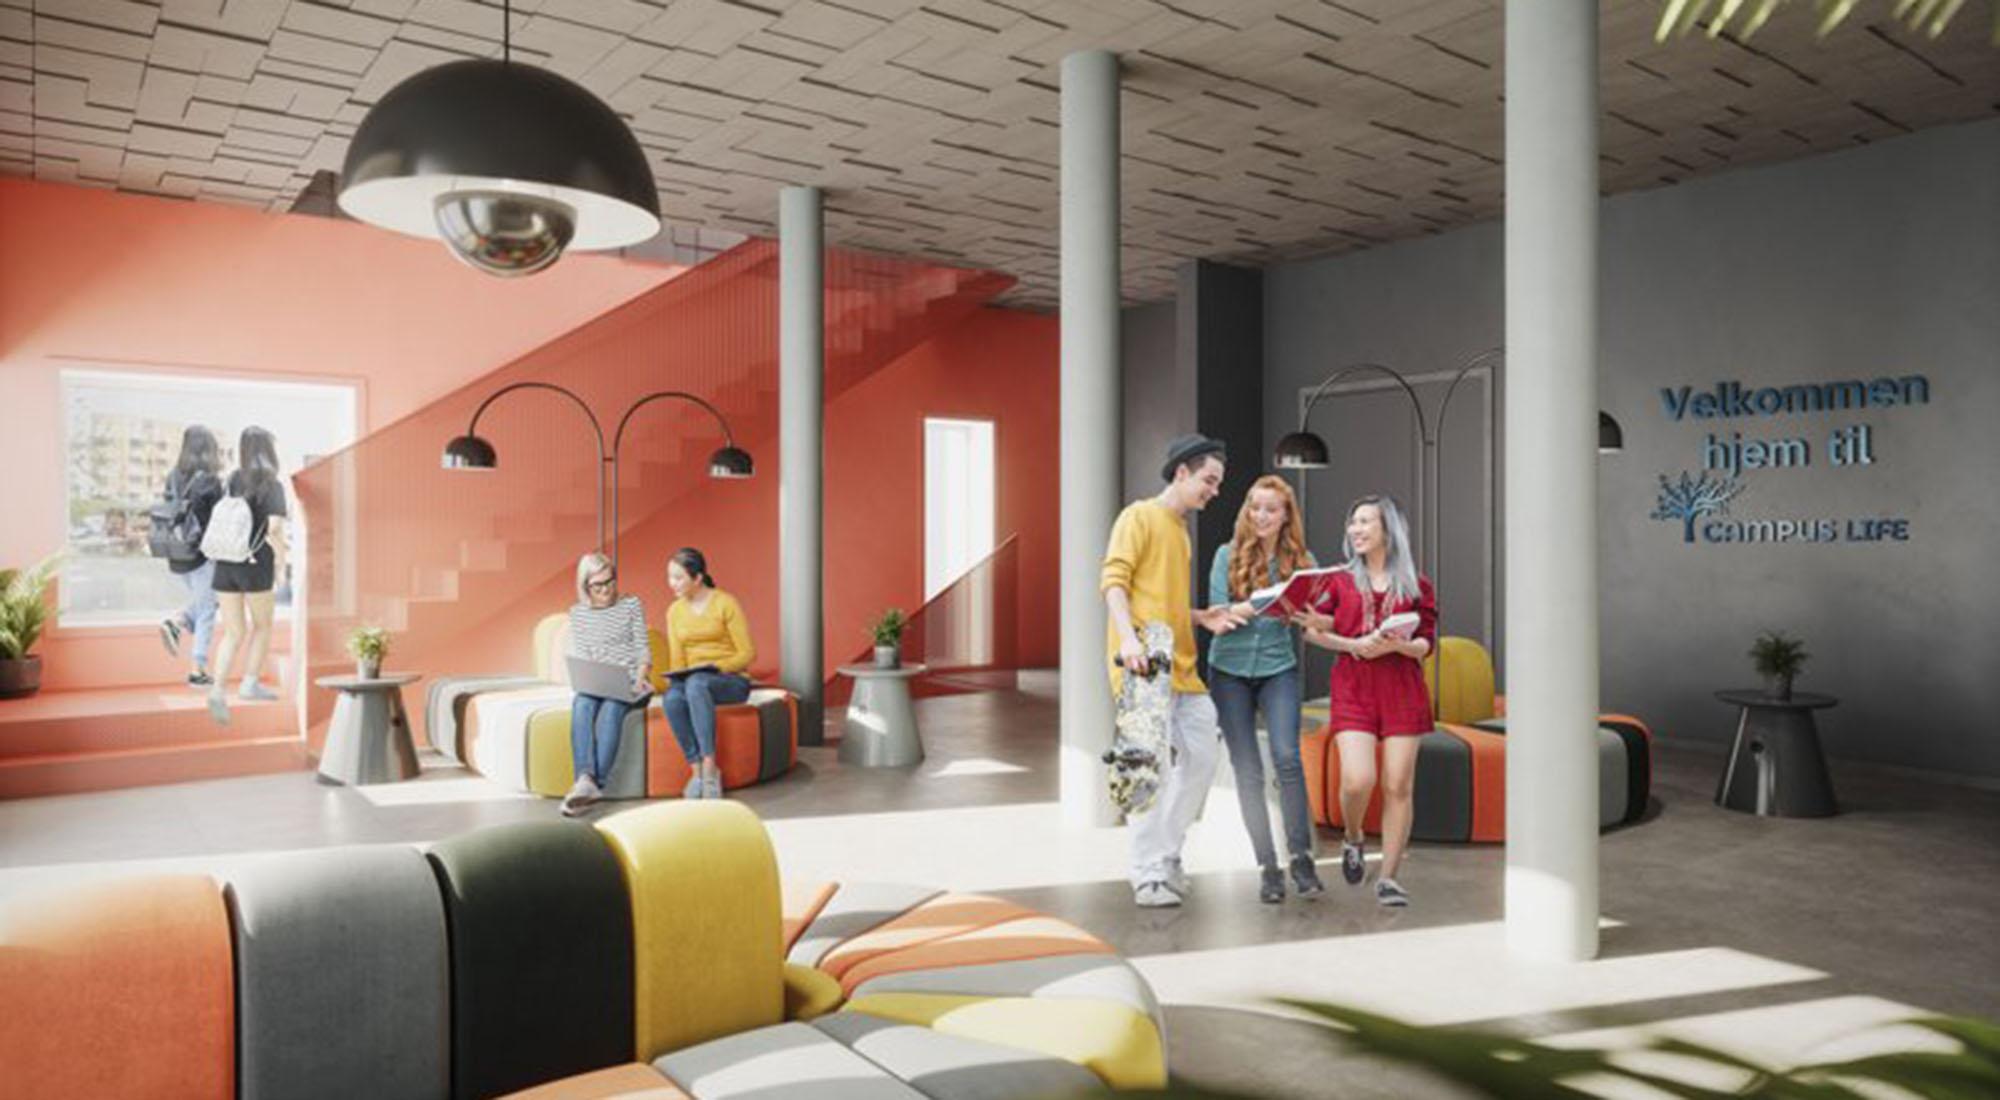 HENT skal bygge 253 nye studentboliger på Nardo i Trondheim